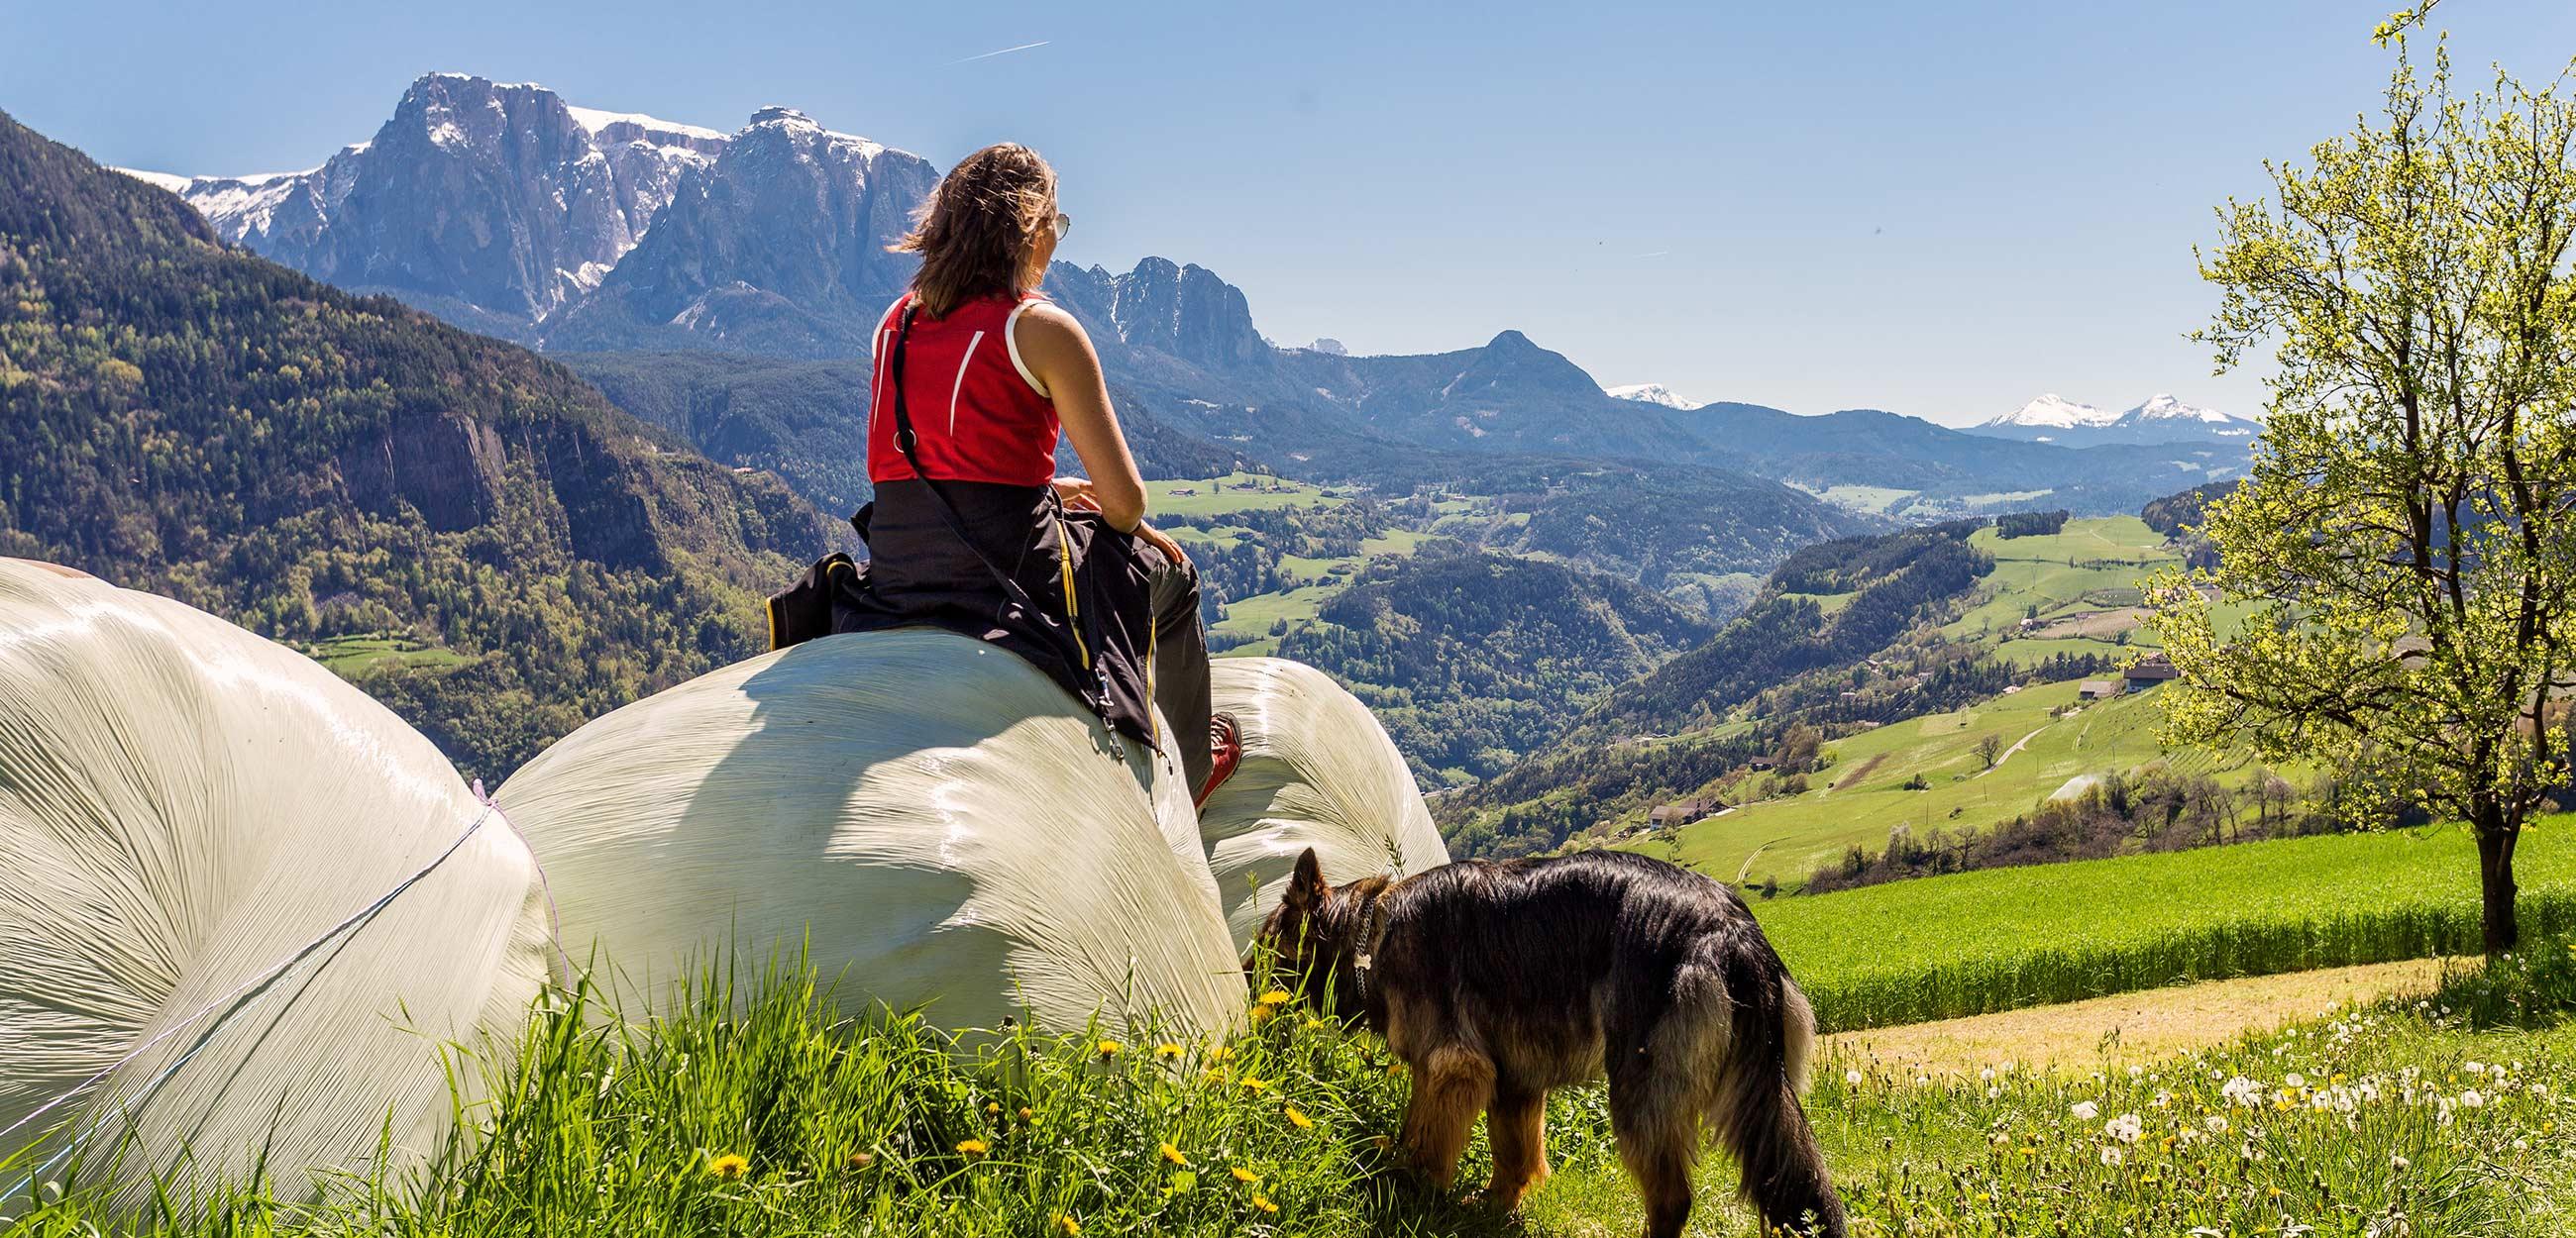 Wandern auf der Villanderer Alm im Sommer in Südtirol